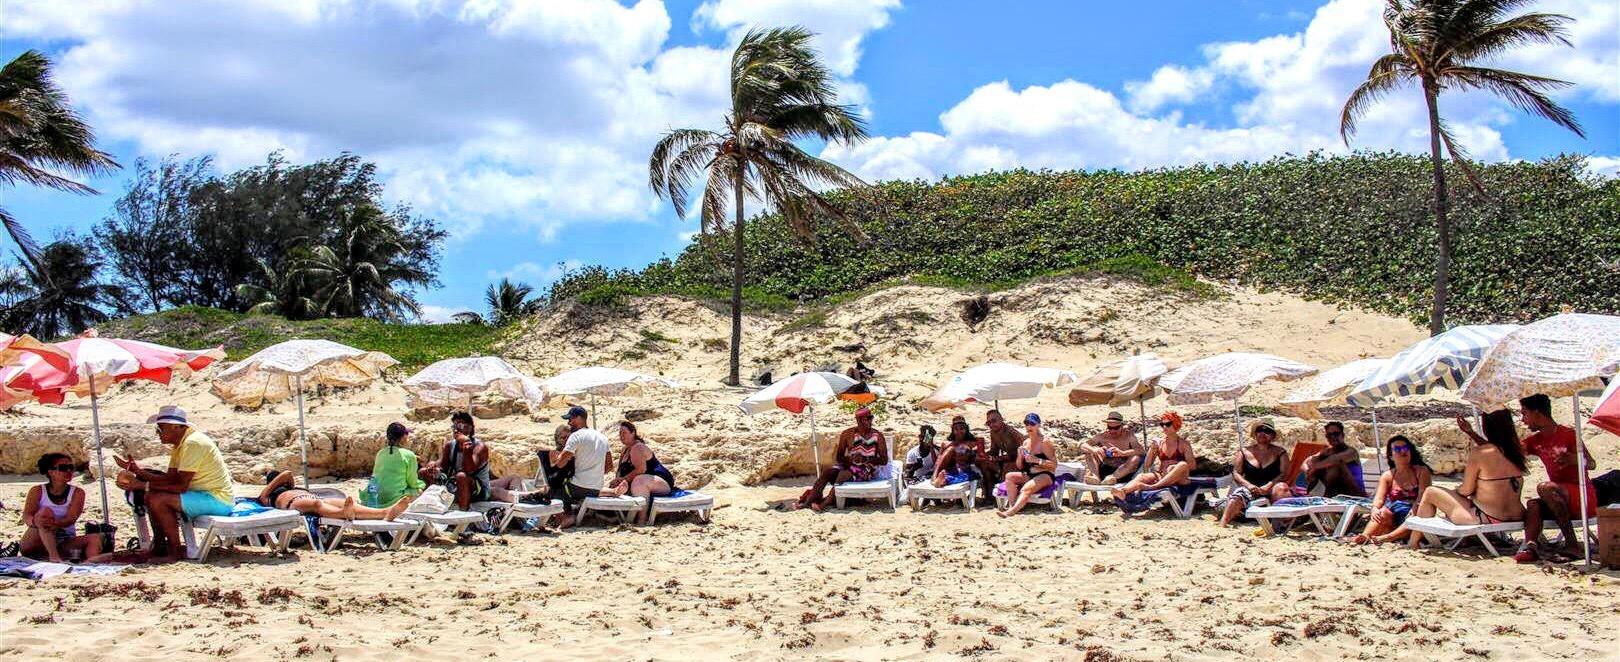 Cuba Havana Beach relax.jpg